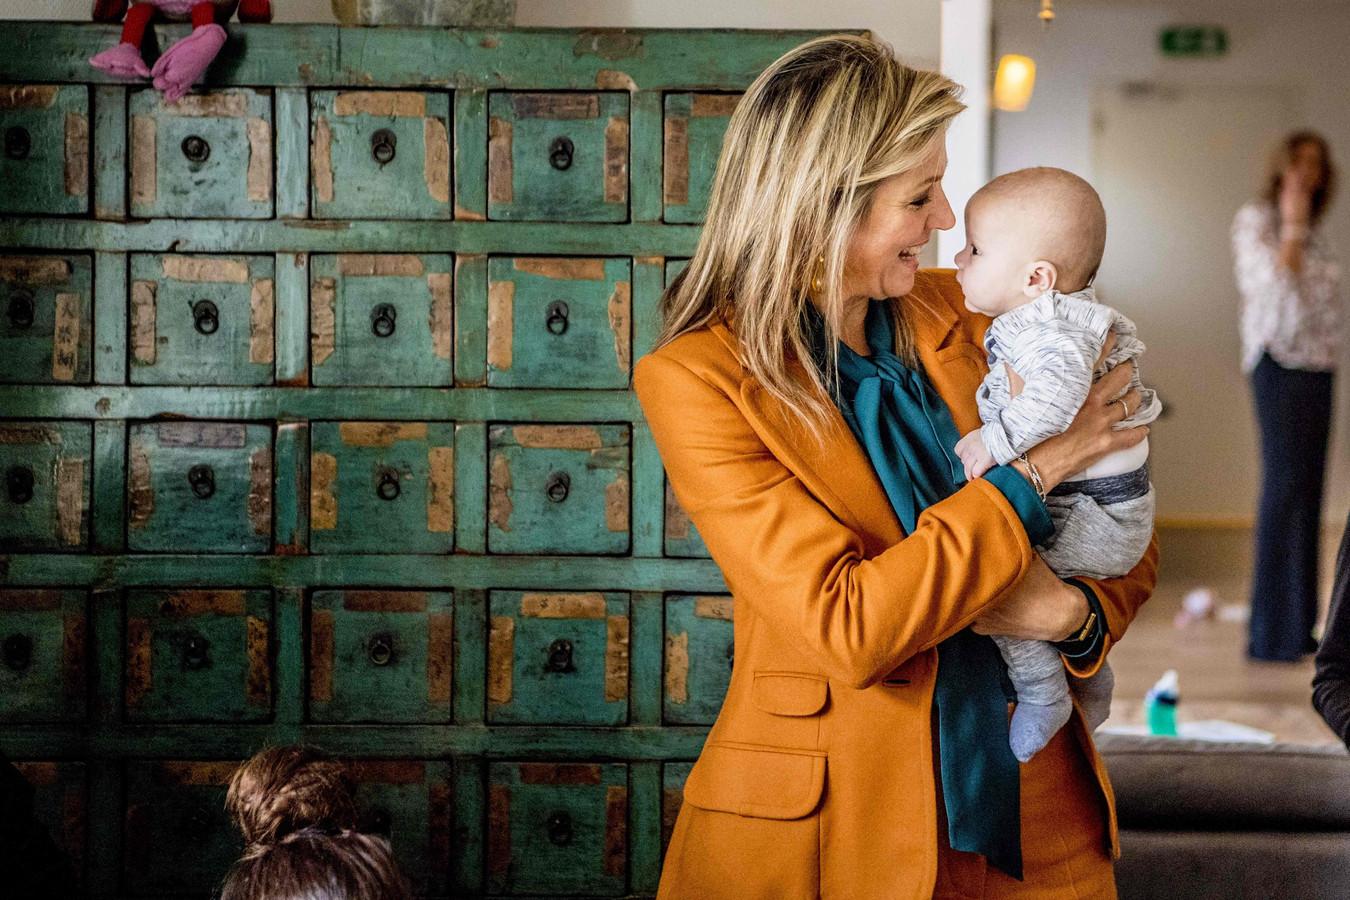 Máxima bracht vanmorgen een bezoek aan het Babyhuis in Dordrecht.